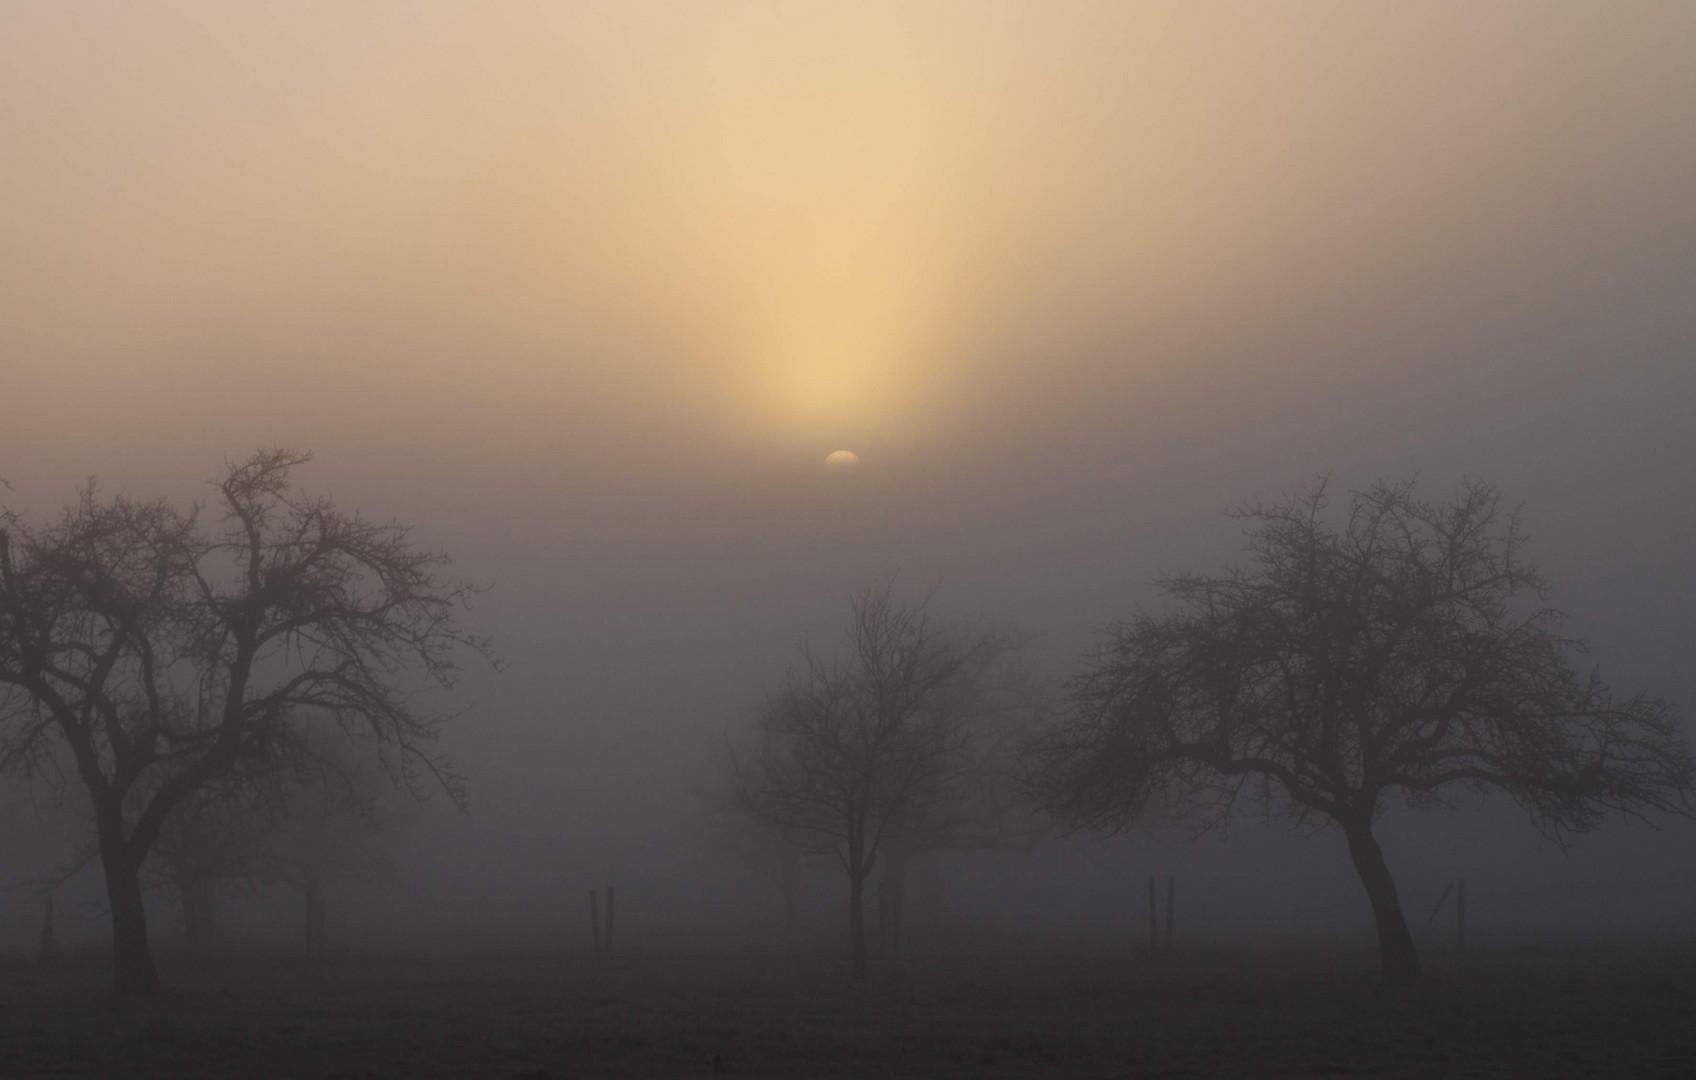 Sonnenaufgang bei Nebel